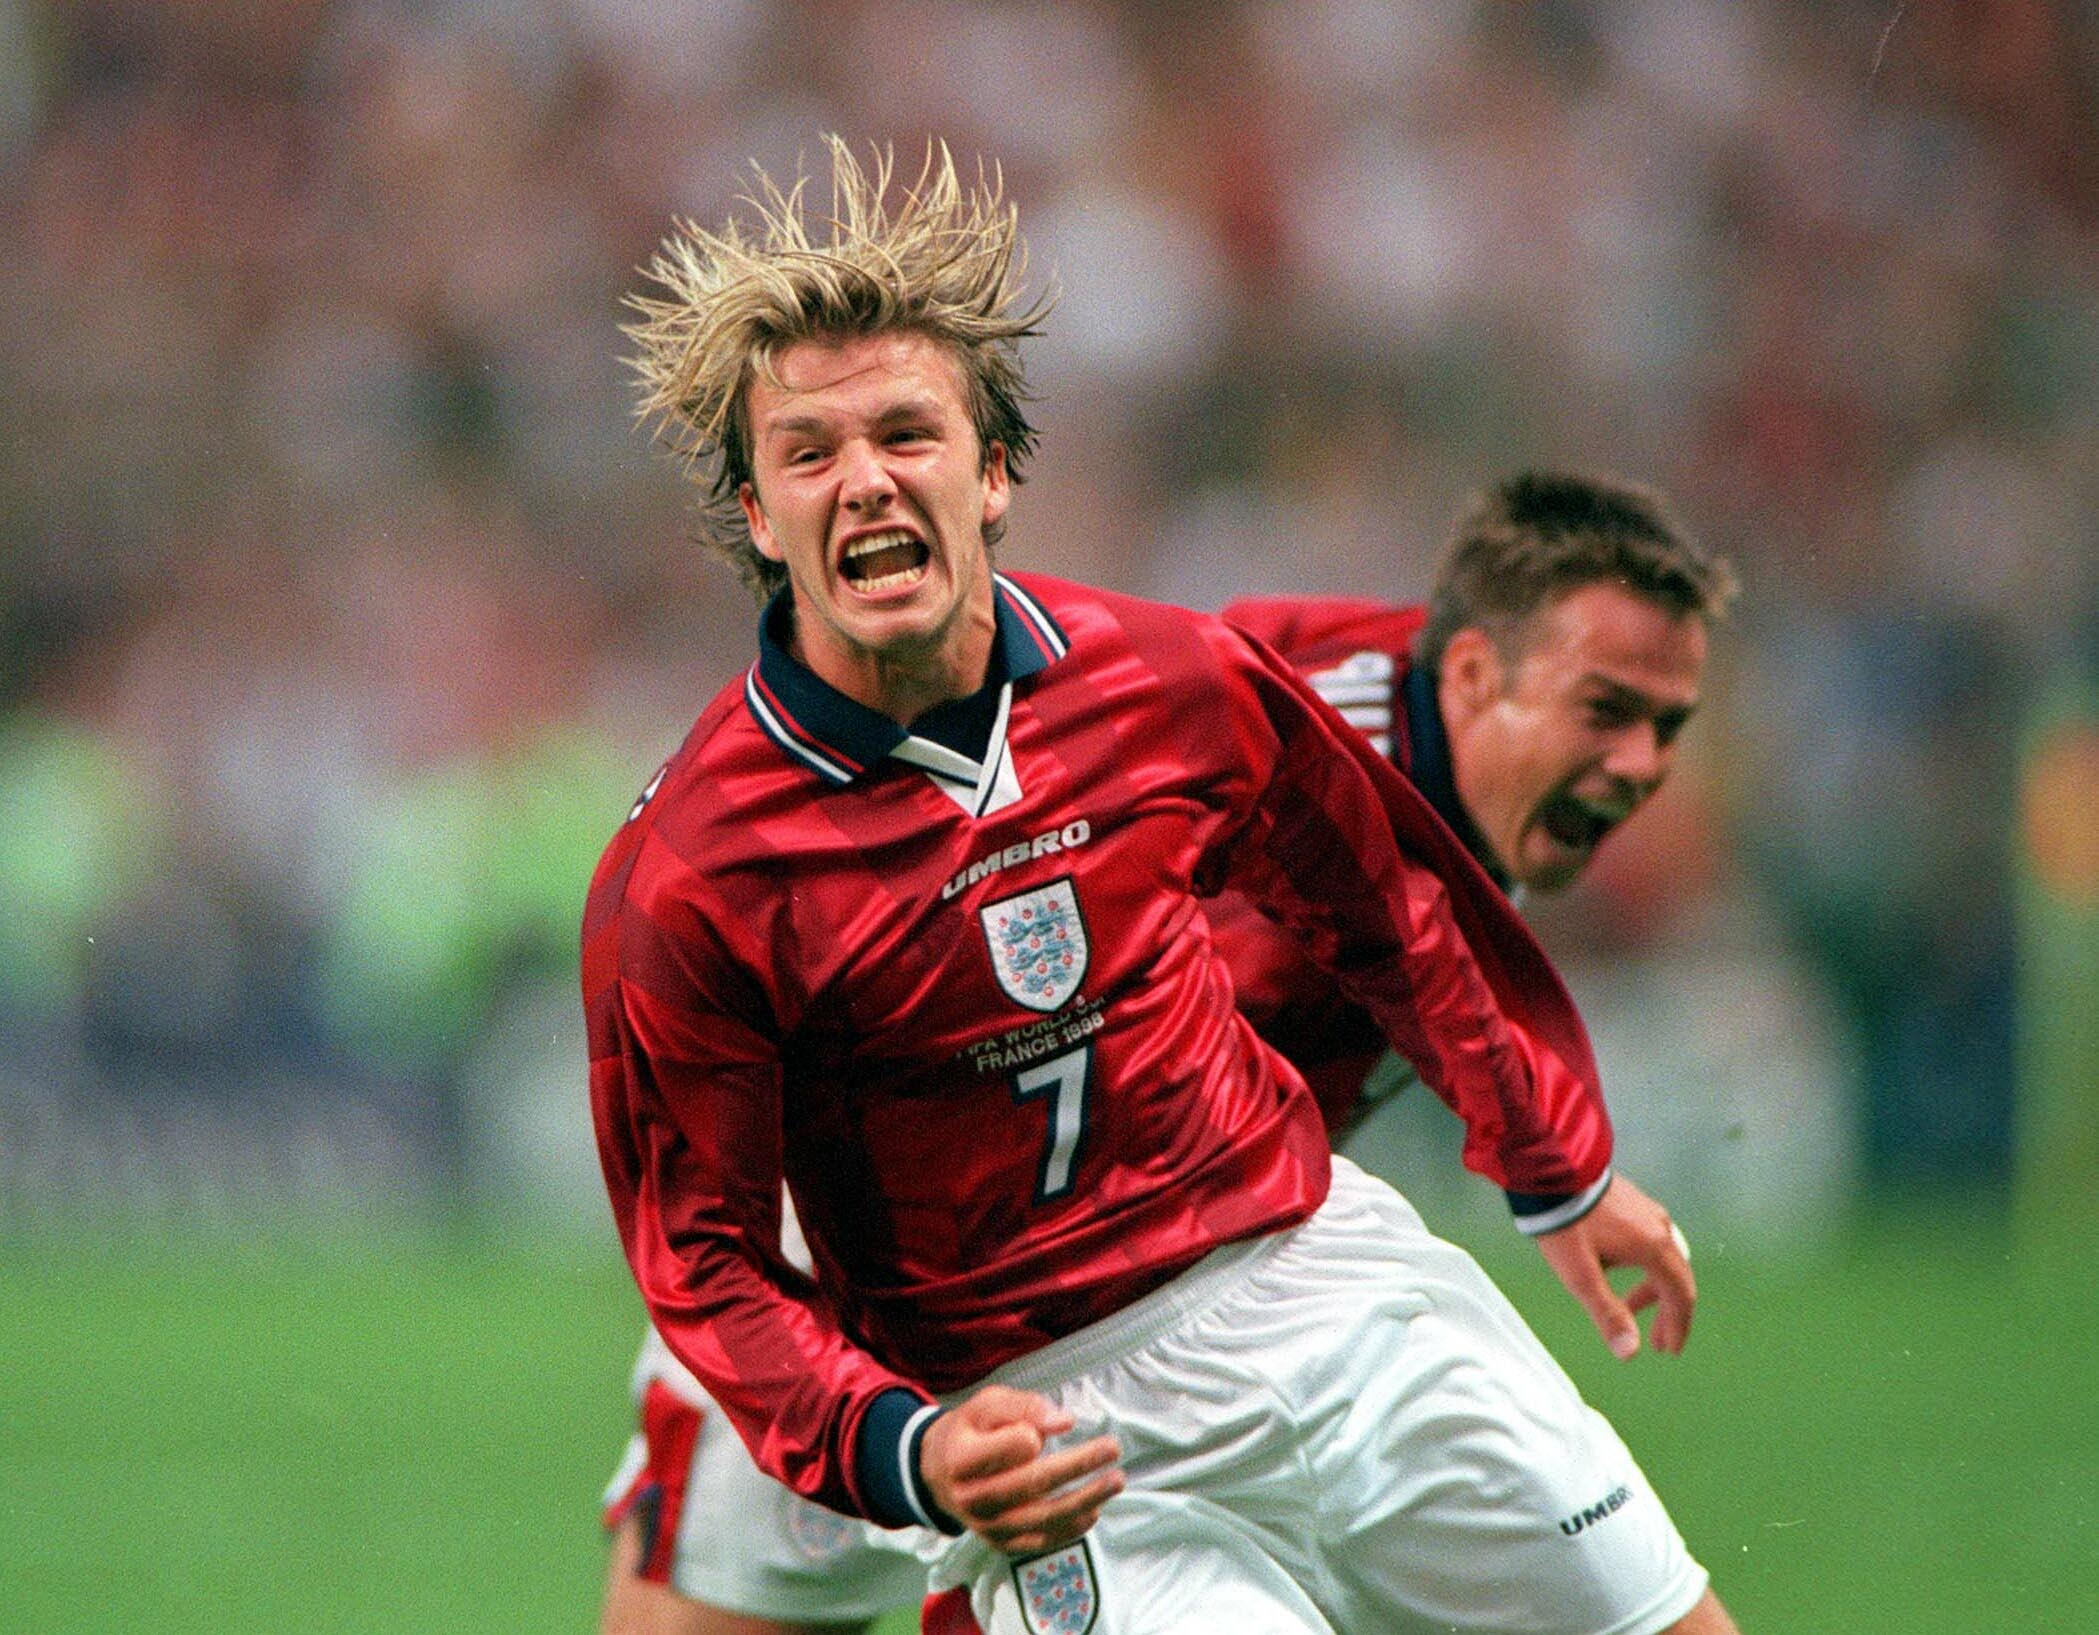 World Cup Beckham Free Kick Beckham's Free-kick